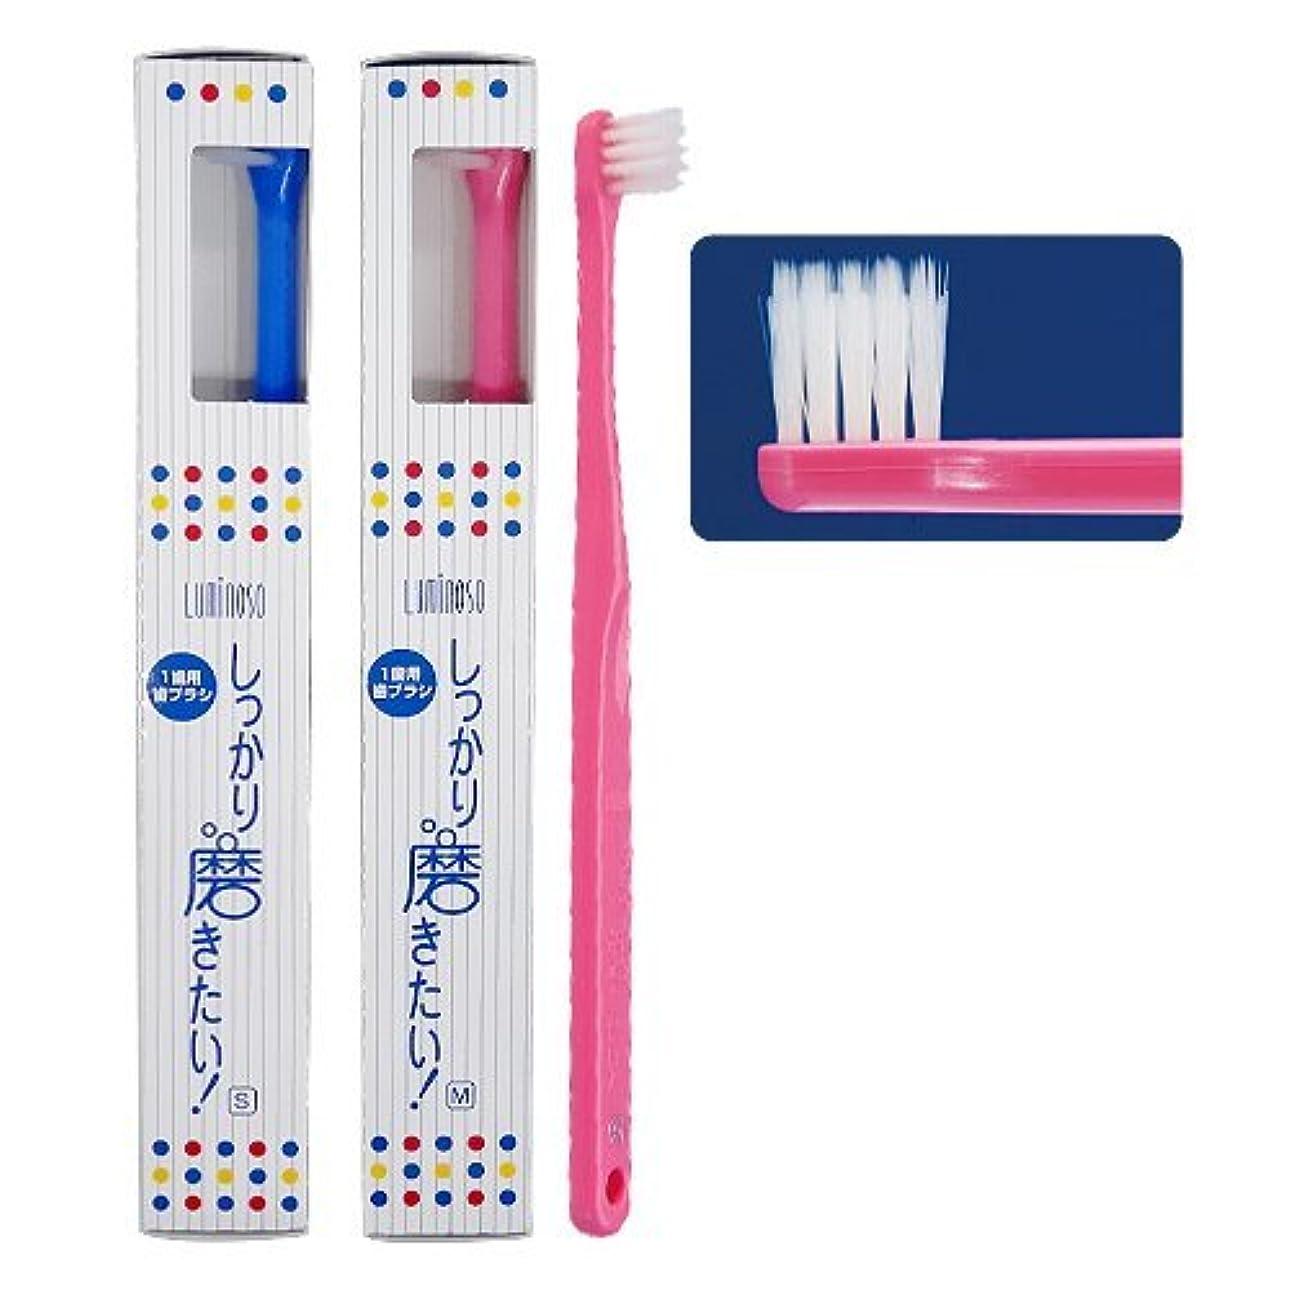 乗算モニター排気ルミノソ 1歯用歯ブラシ「しっかり磨きたい!」スタンダード ミディアム (カラー指定不可) 3本